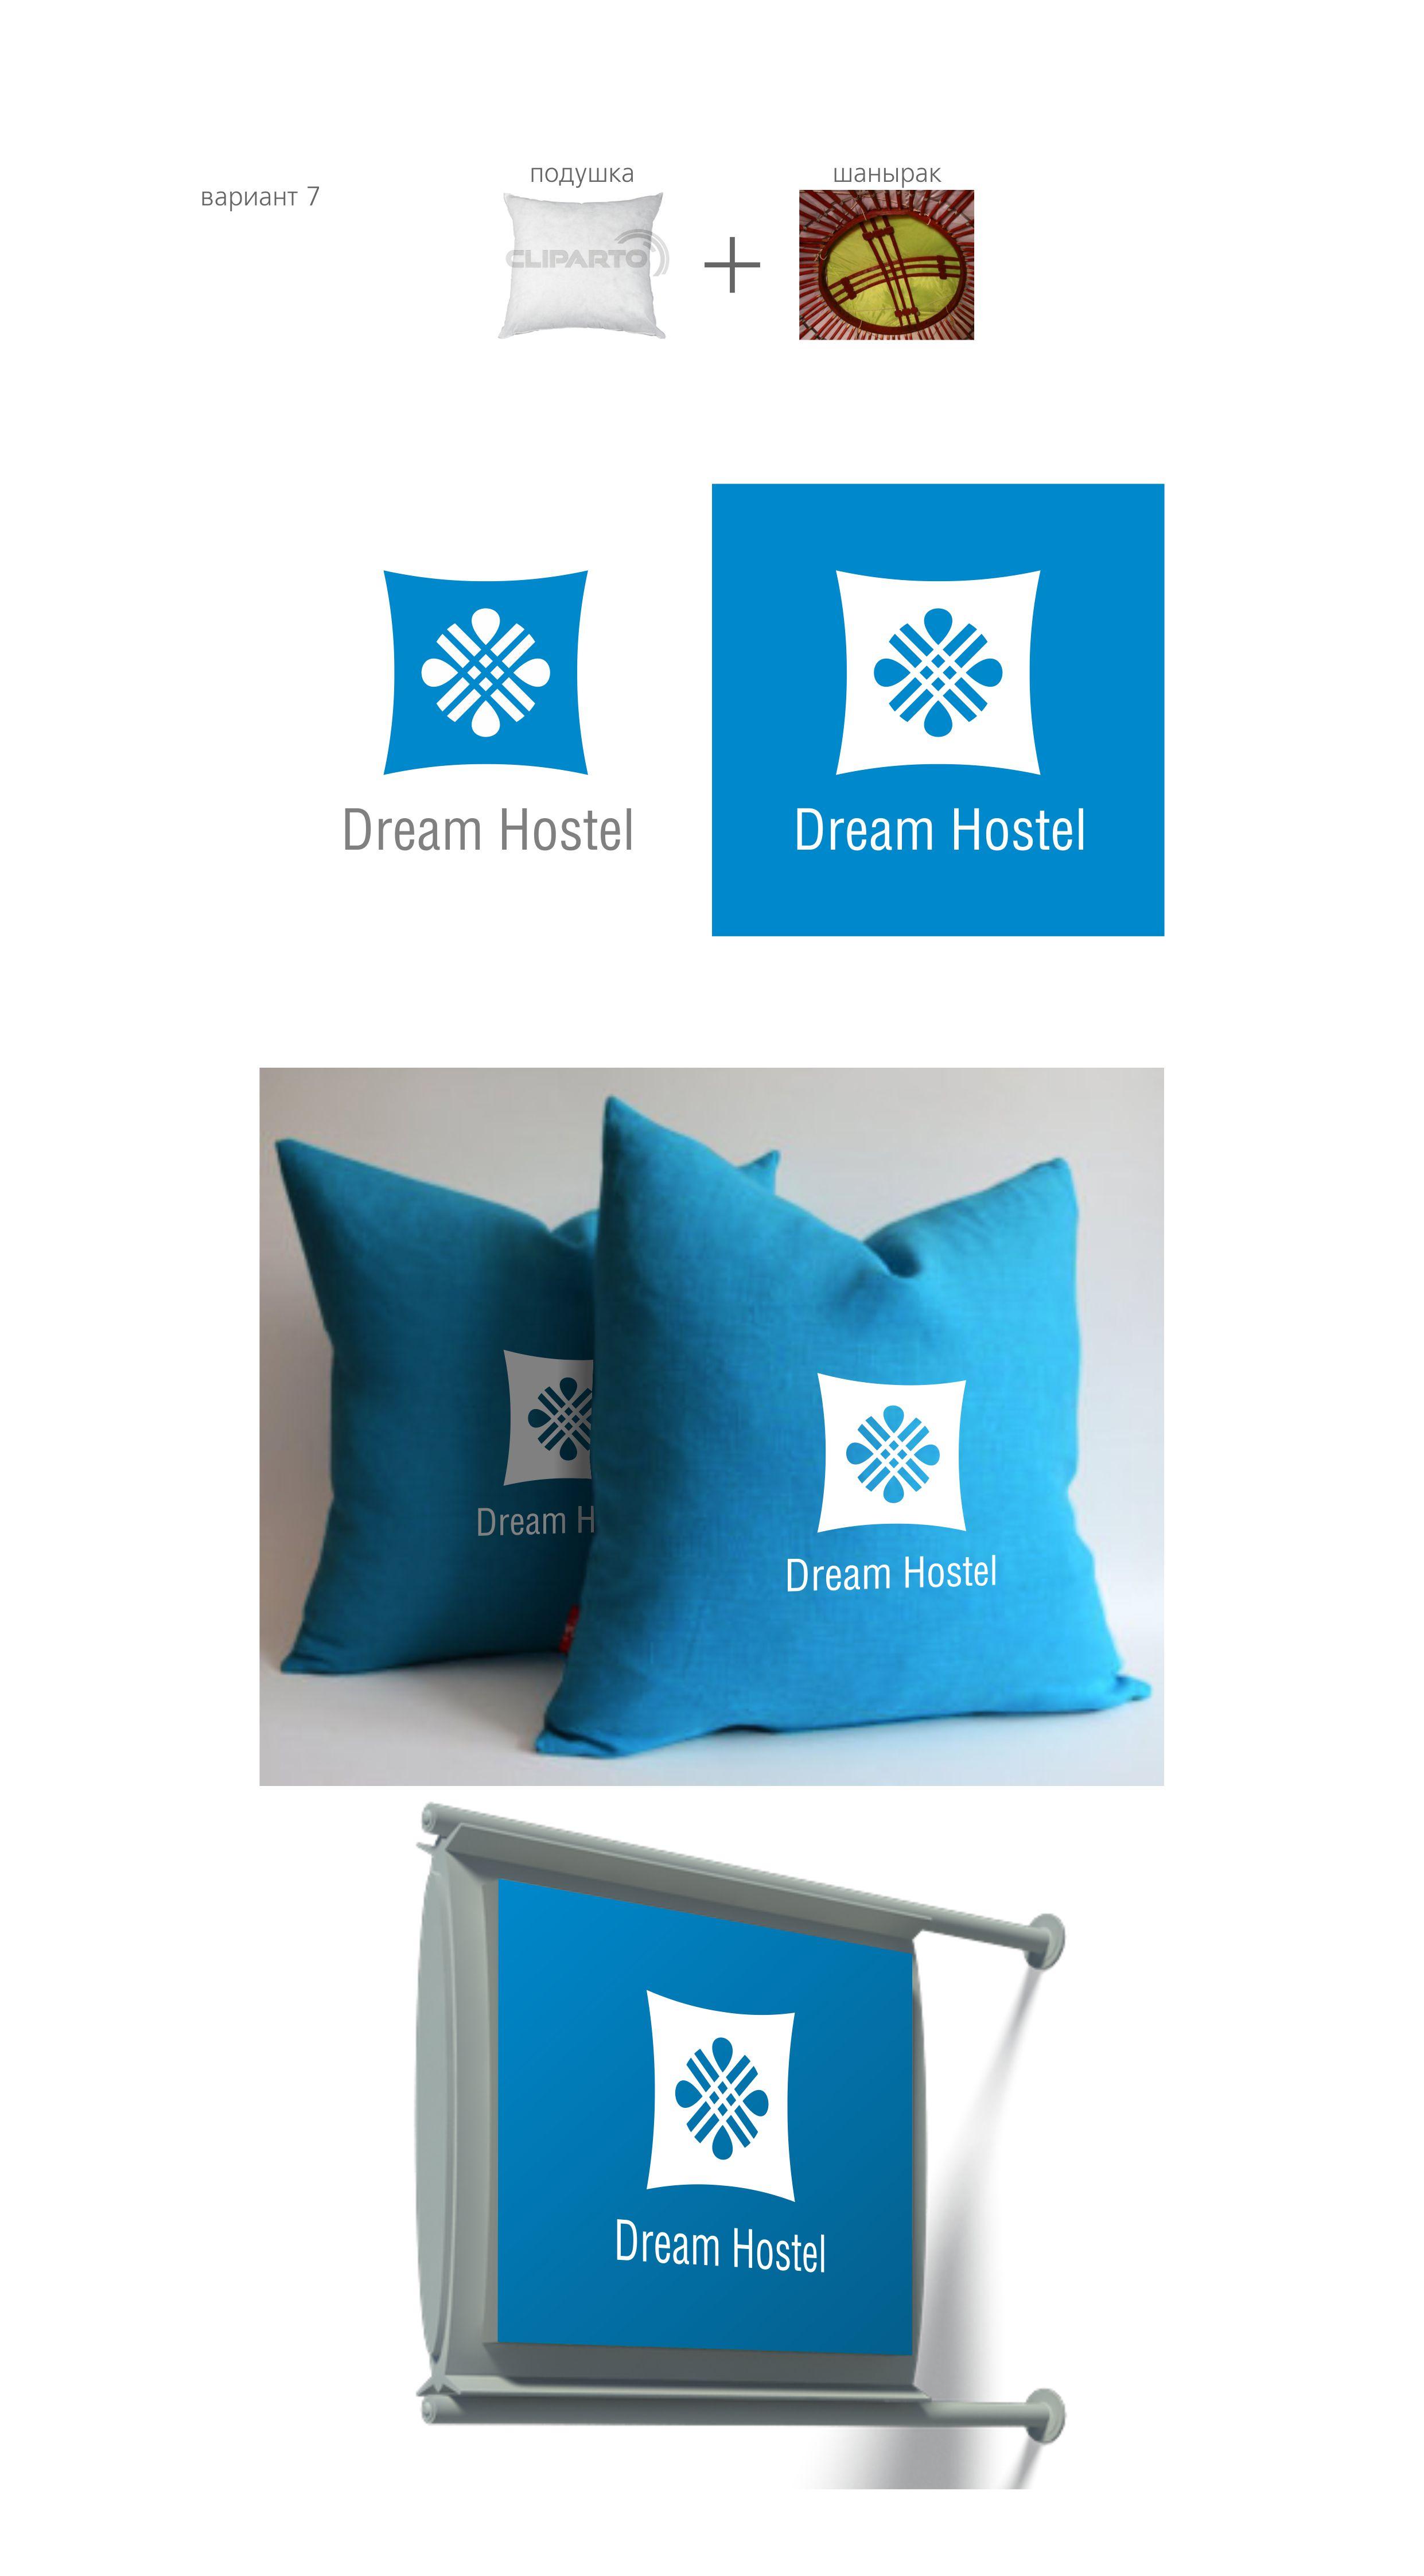 Нужна разработка логотипа, фирменного знака и фирменного сти фото f_4995477400c77500.jpg